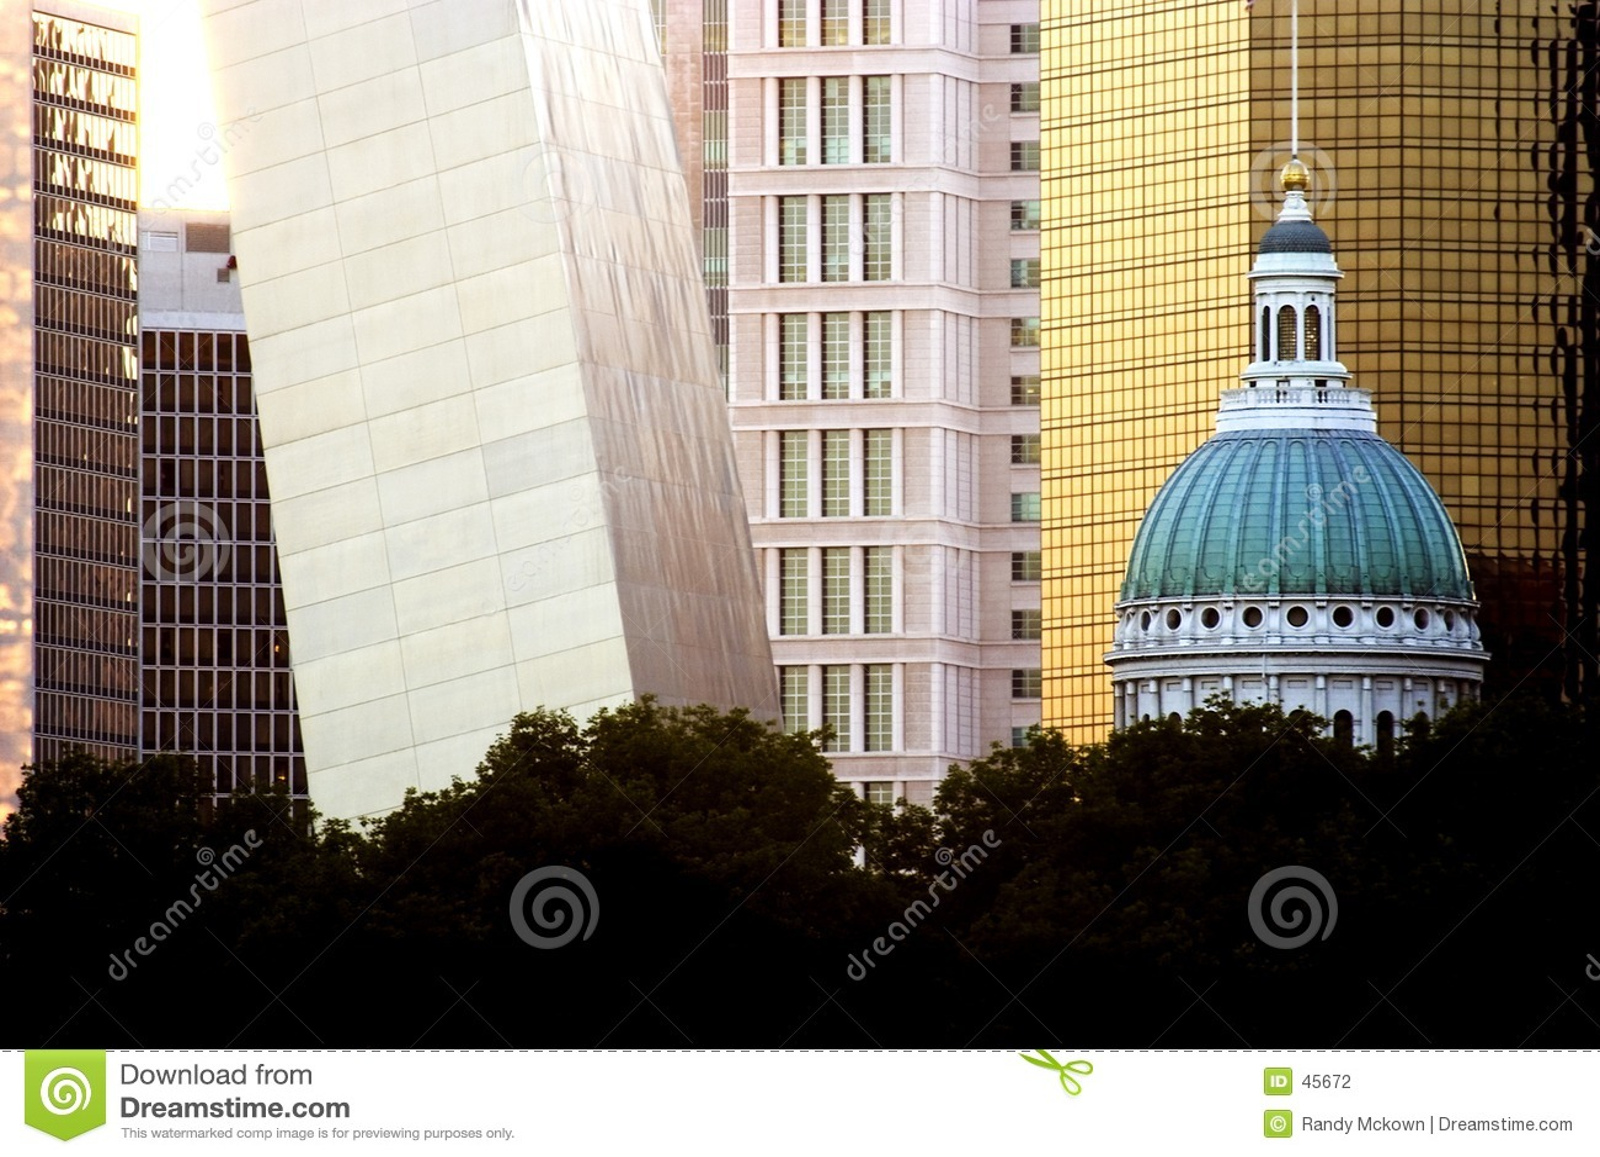 St.- Louisgericht und Bogen